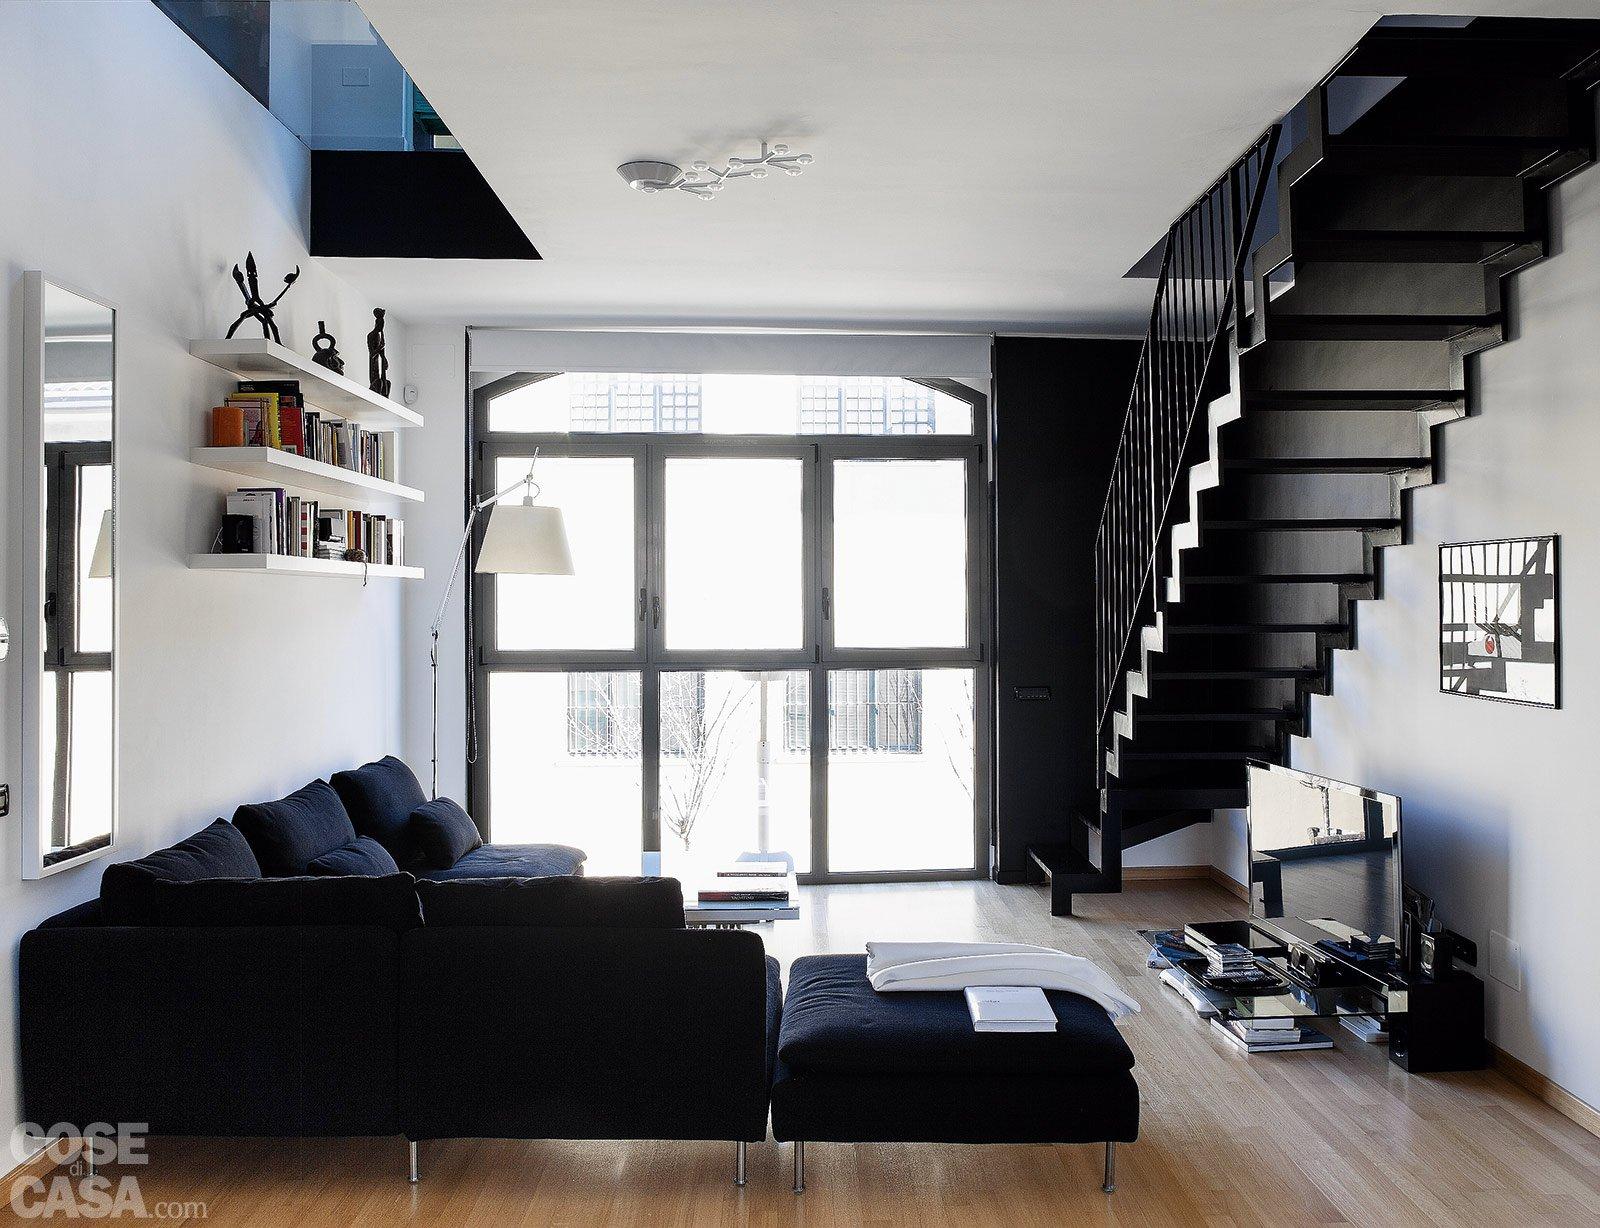 60 50 mq una casa con elementi a scomparsa cose di casa - Soggiorno con letto a scomparsa ...